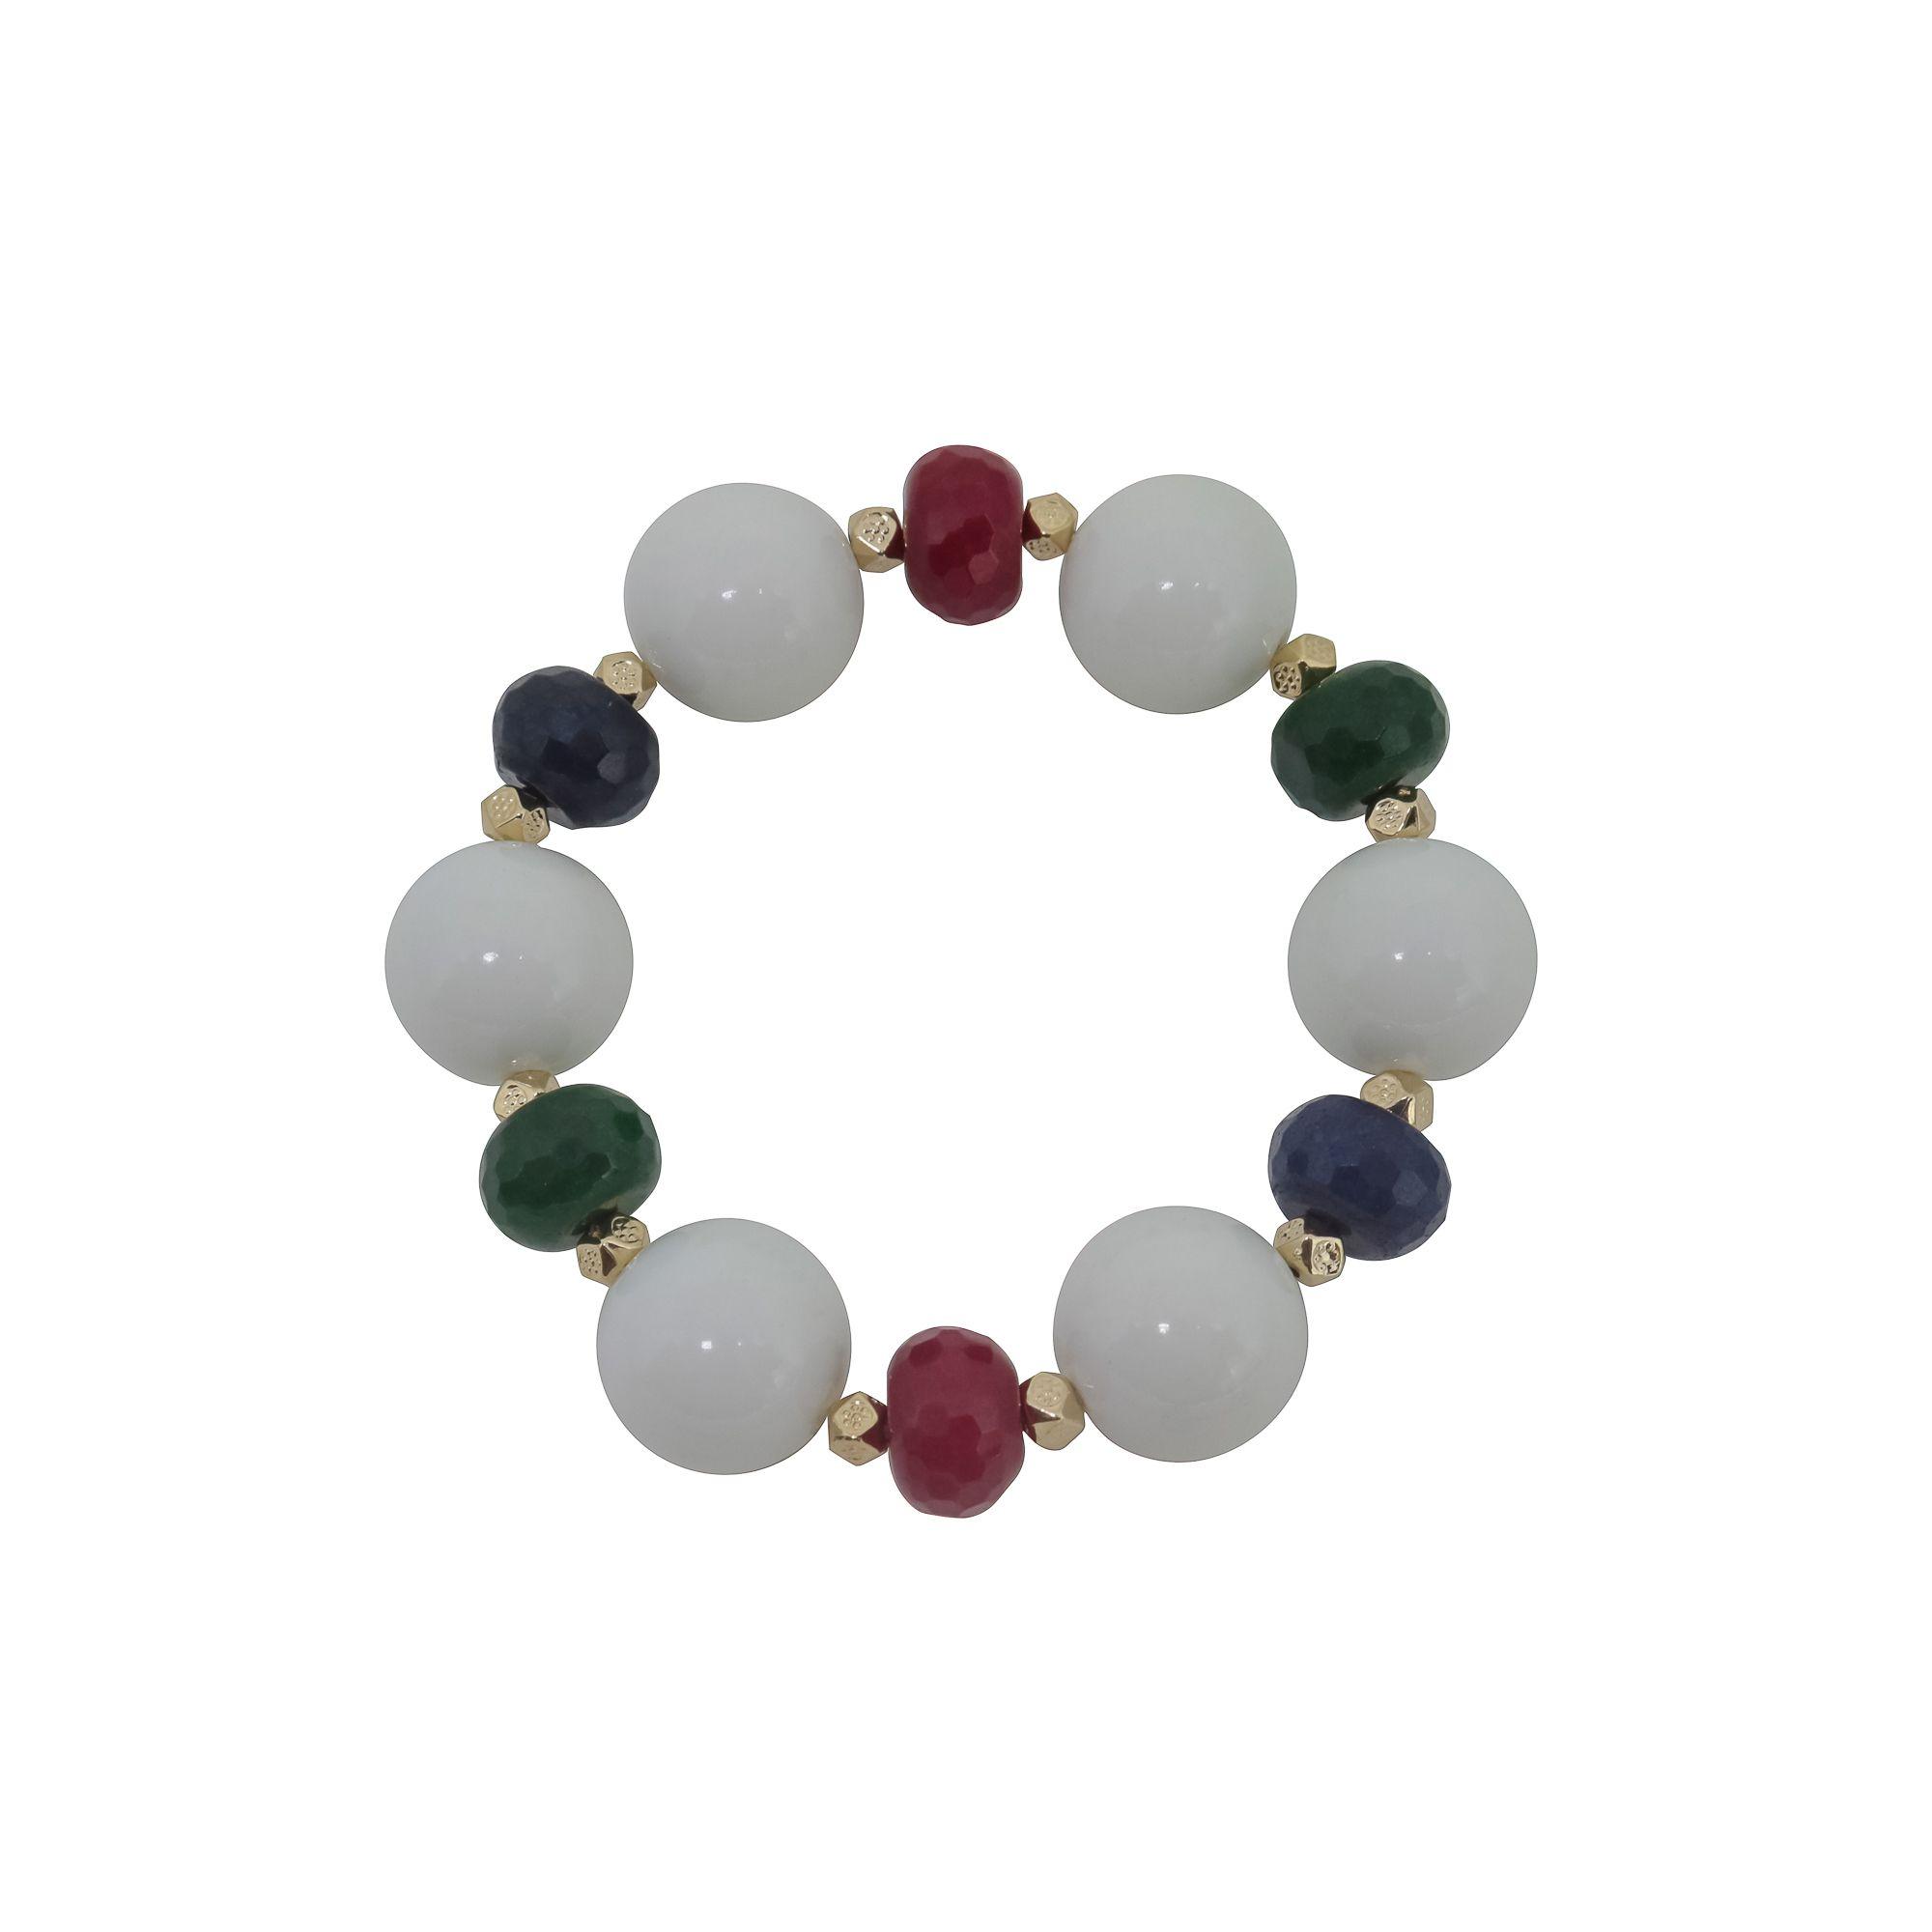 Pulseira semijoia Esferas com pedras naturais jade coloridas